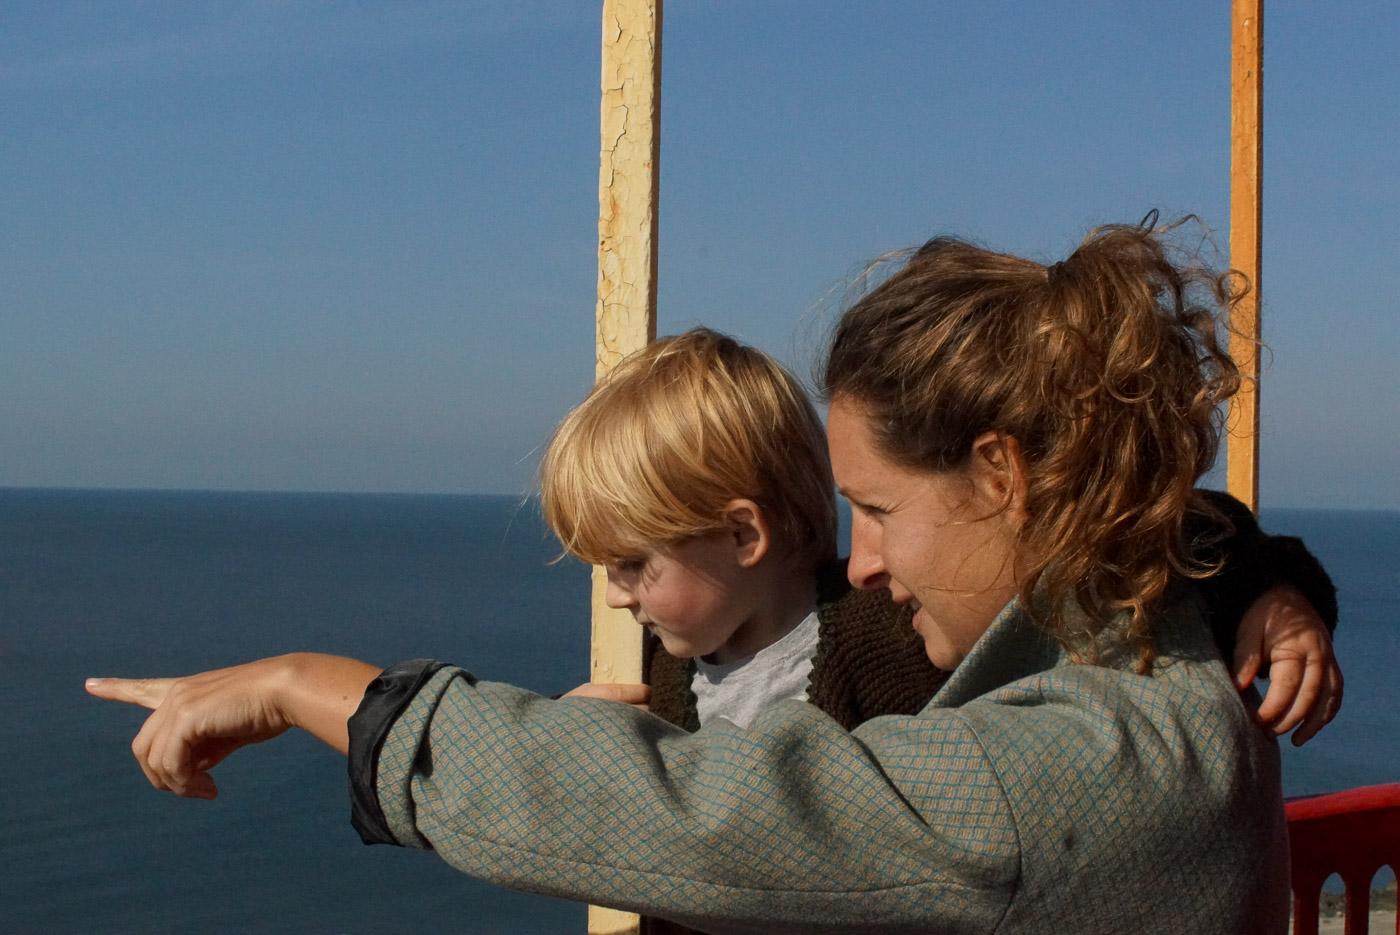 Zu sehen ist, wie Lea und Luk an der Brüstung des Leuchtturmes von Poti stehen. Lea zeigt mit der ausgestreckten Hand aufs Meer und Luk folgt ihren Blick.